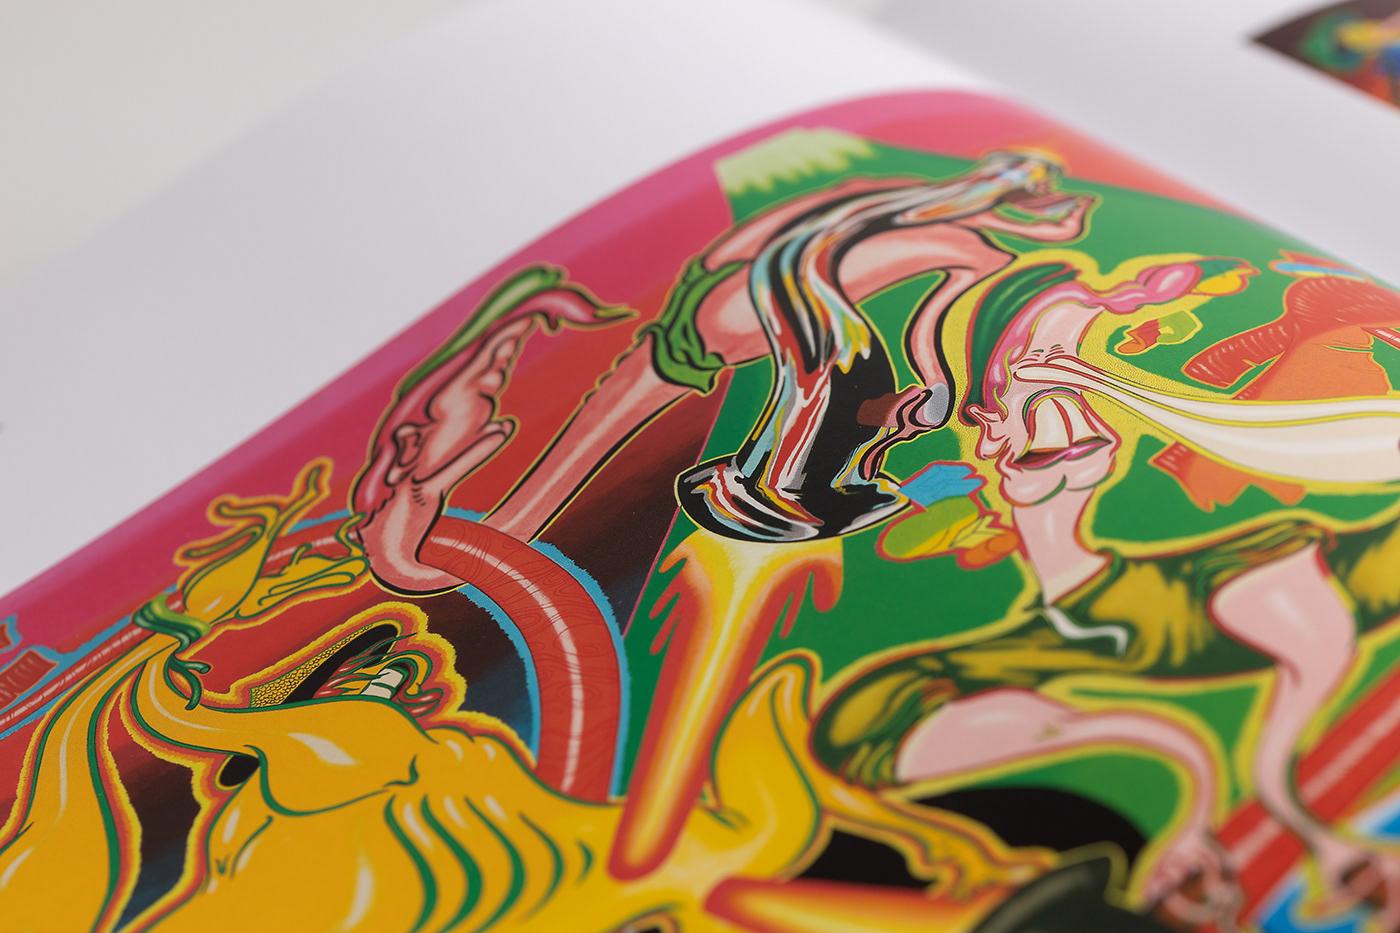 books book still life studio White light detail paper print magazine